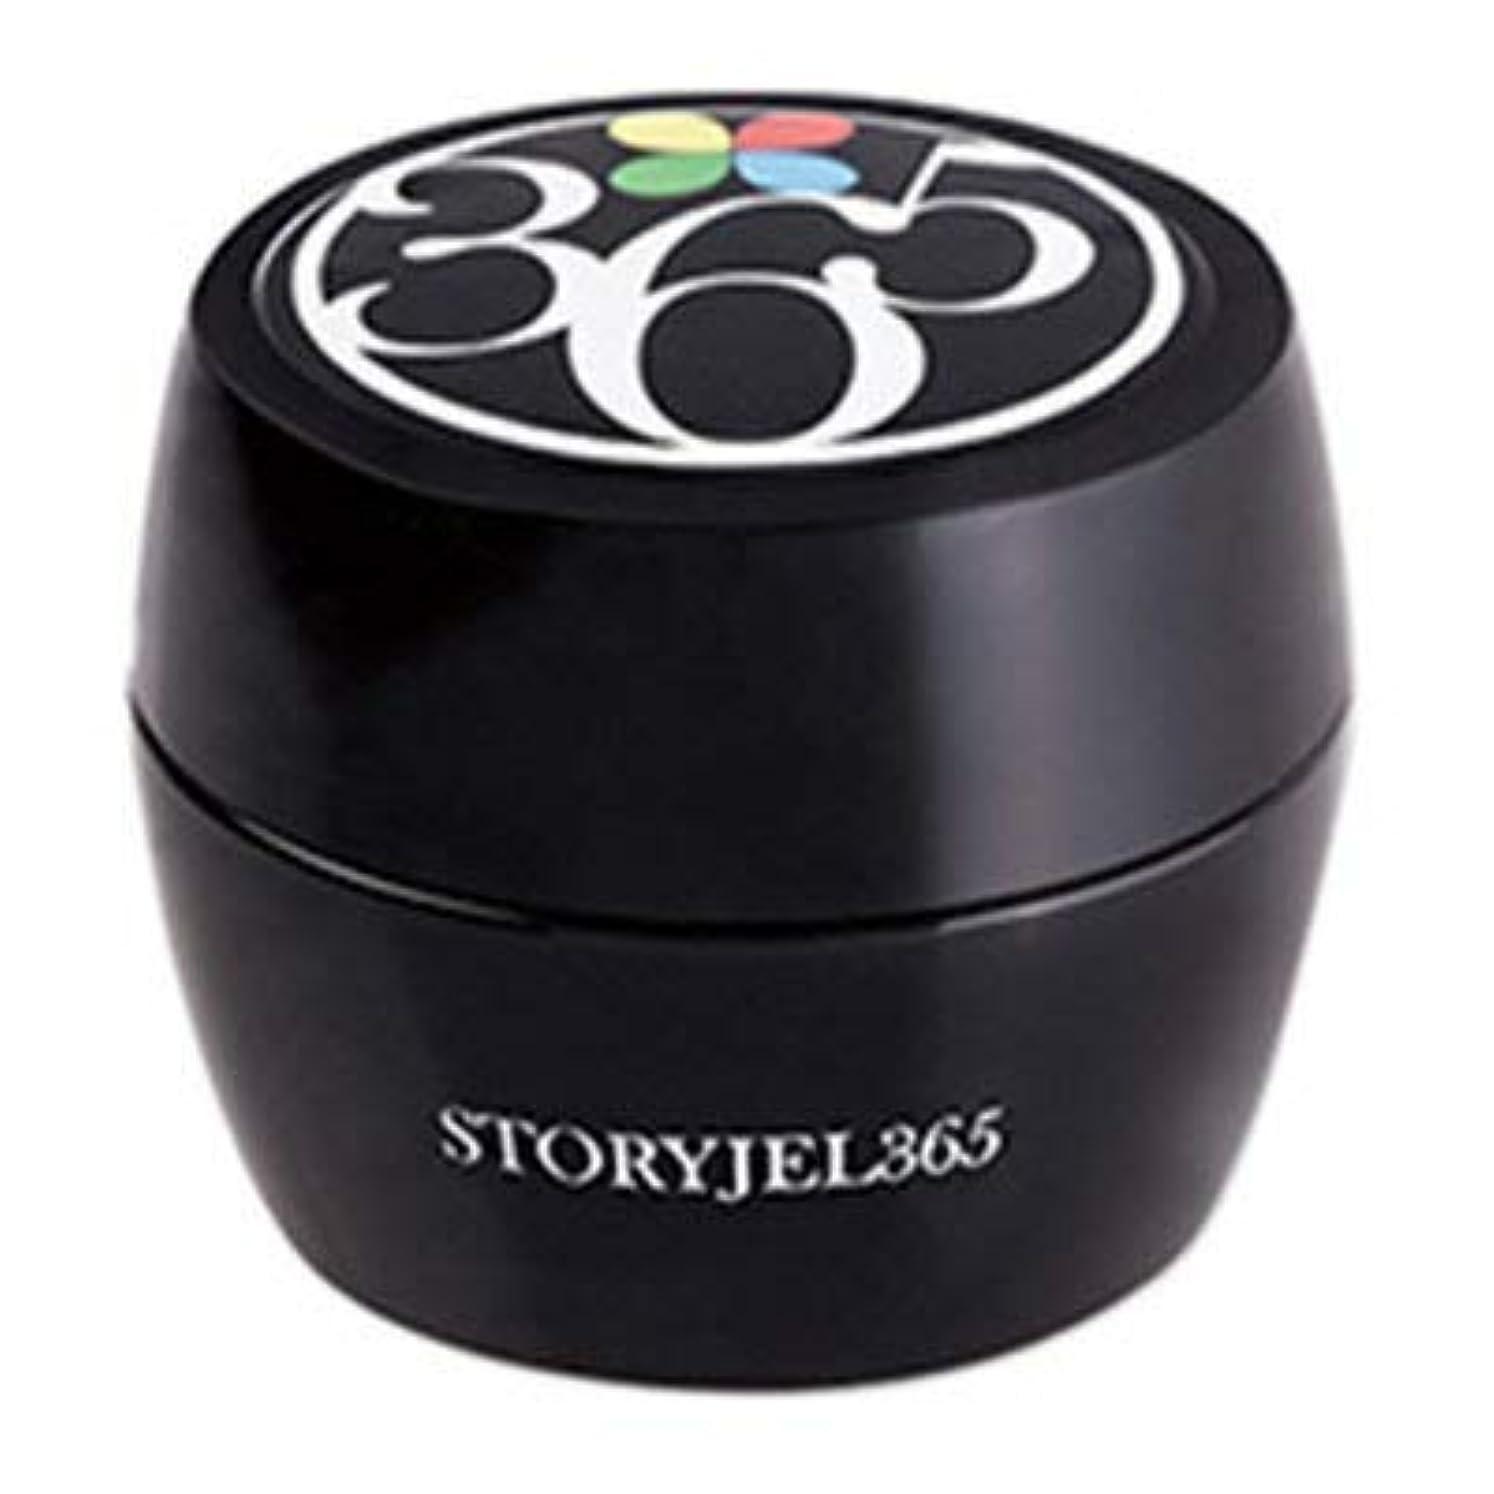 寓話持ってる餌STORYJEL365 スカルプティングソフトジェル 15g (ストーリージェル) SJW-SCULPTING01